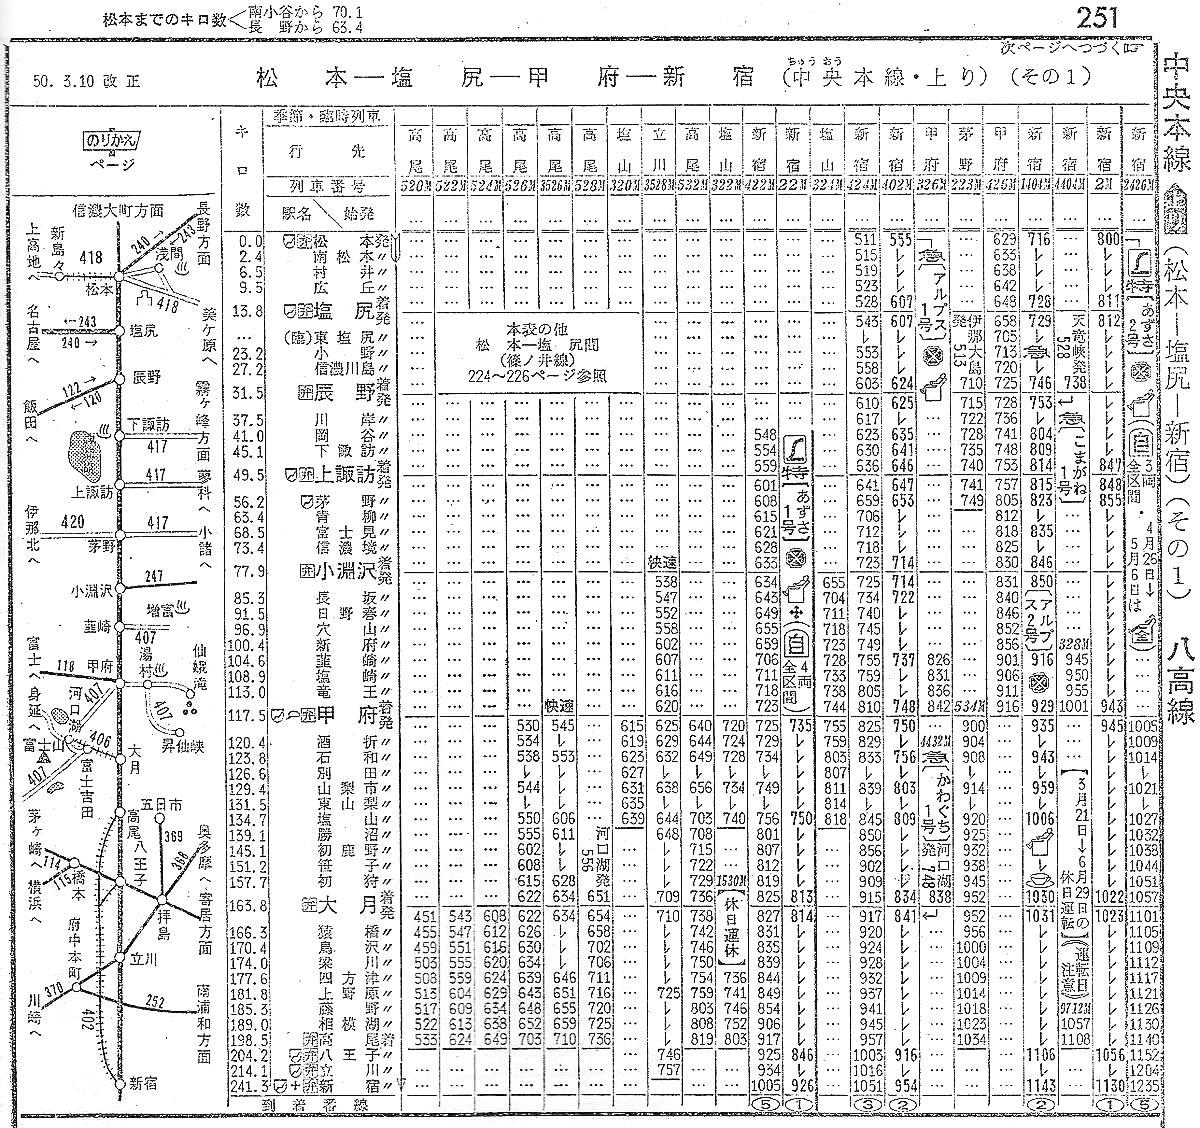 中央東線の時刻表1975-1105